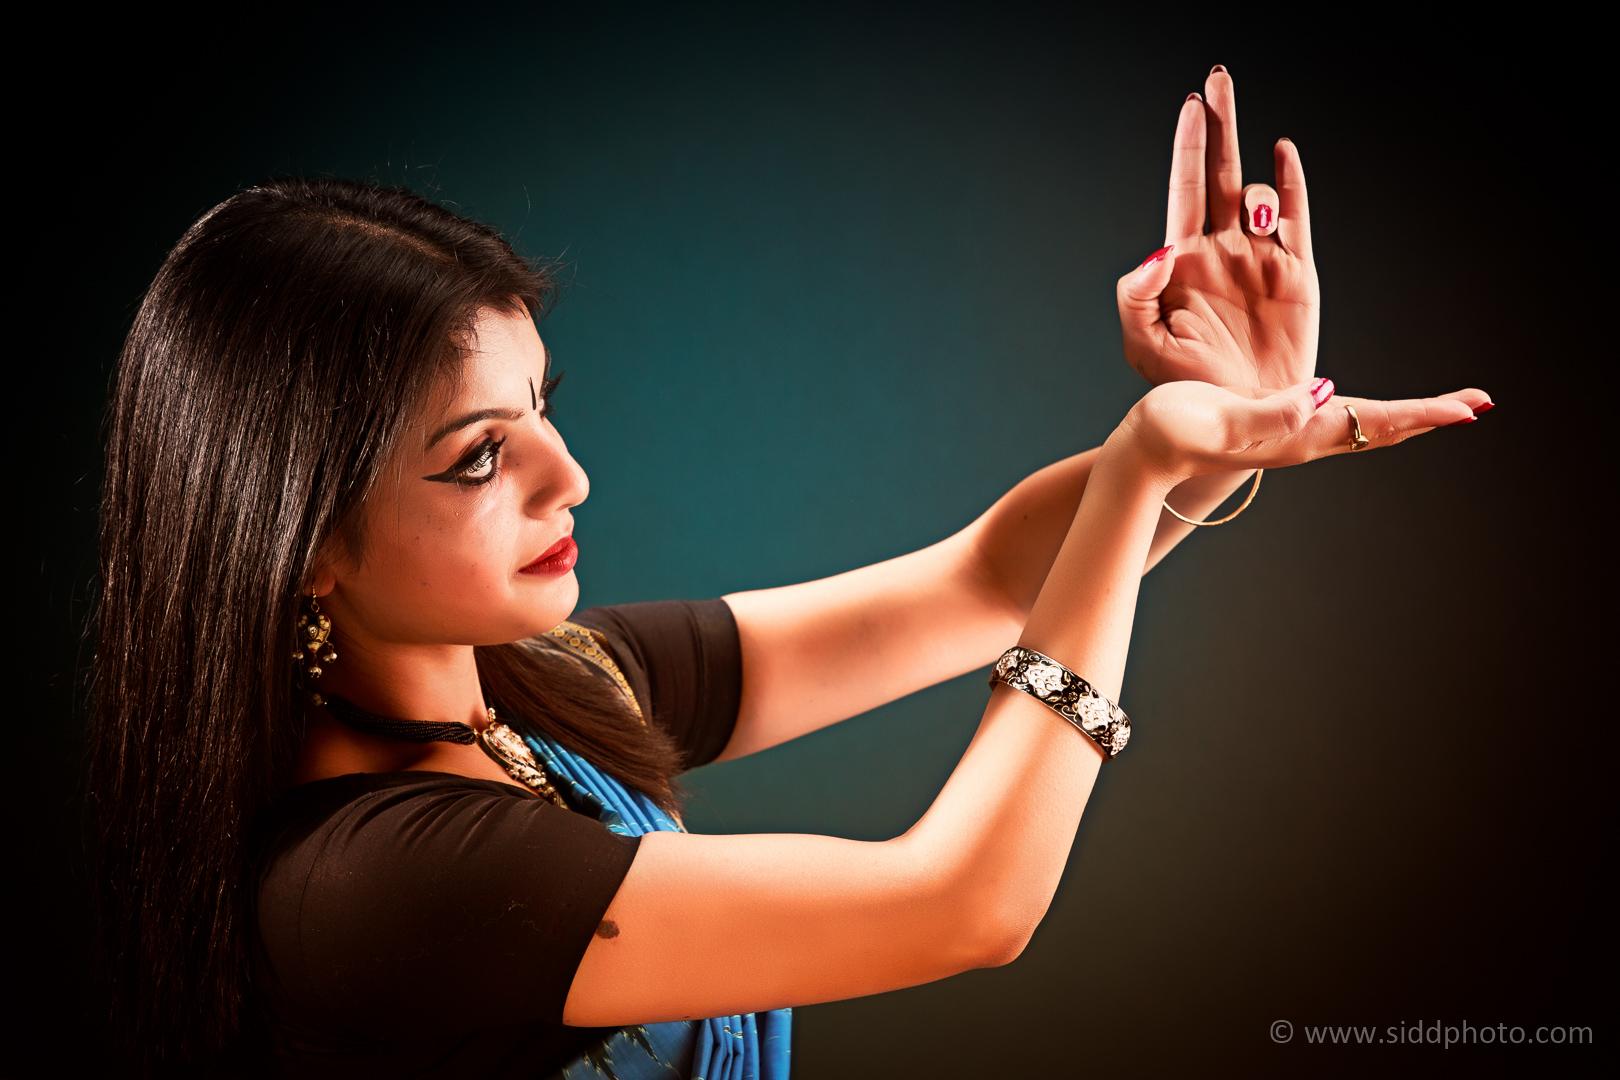 2012-09-28 - Anwesha's Photoshoot - _O5C8355-01